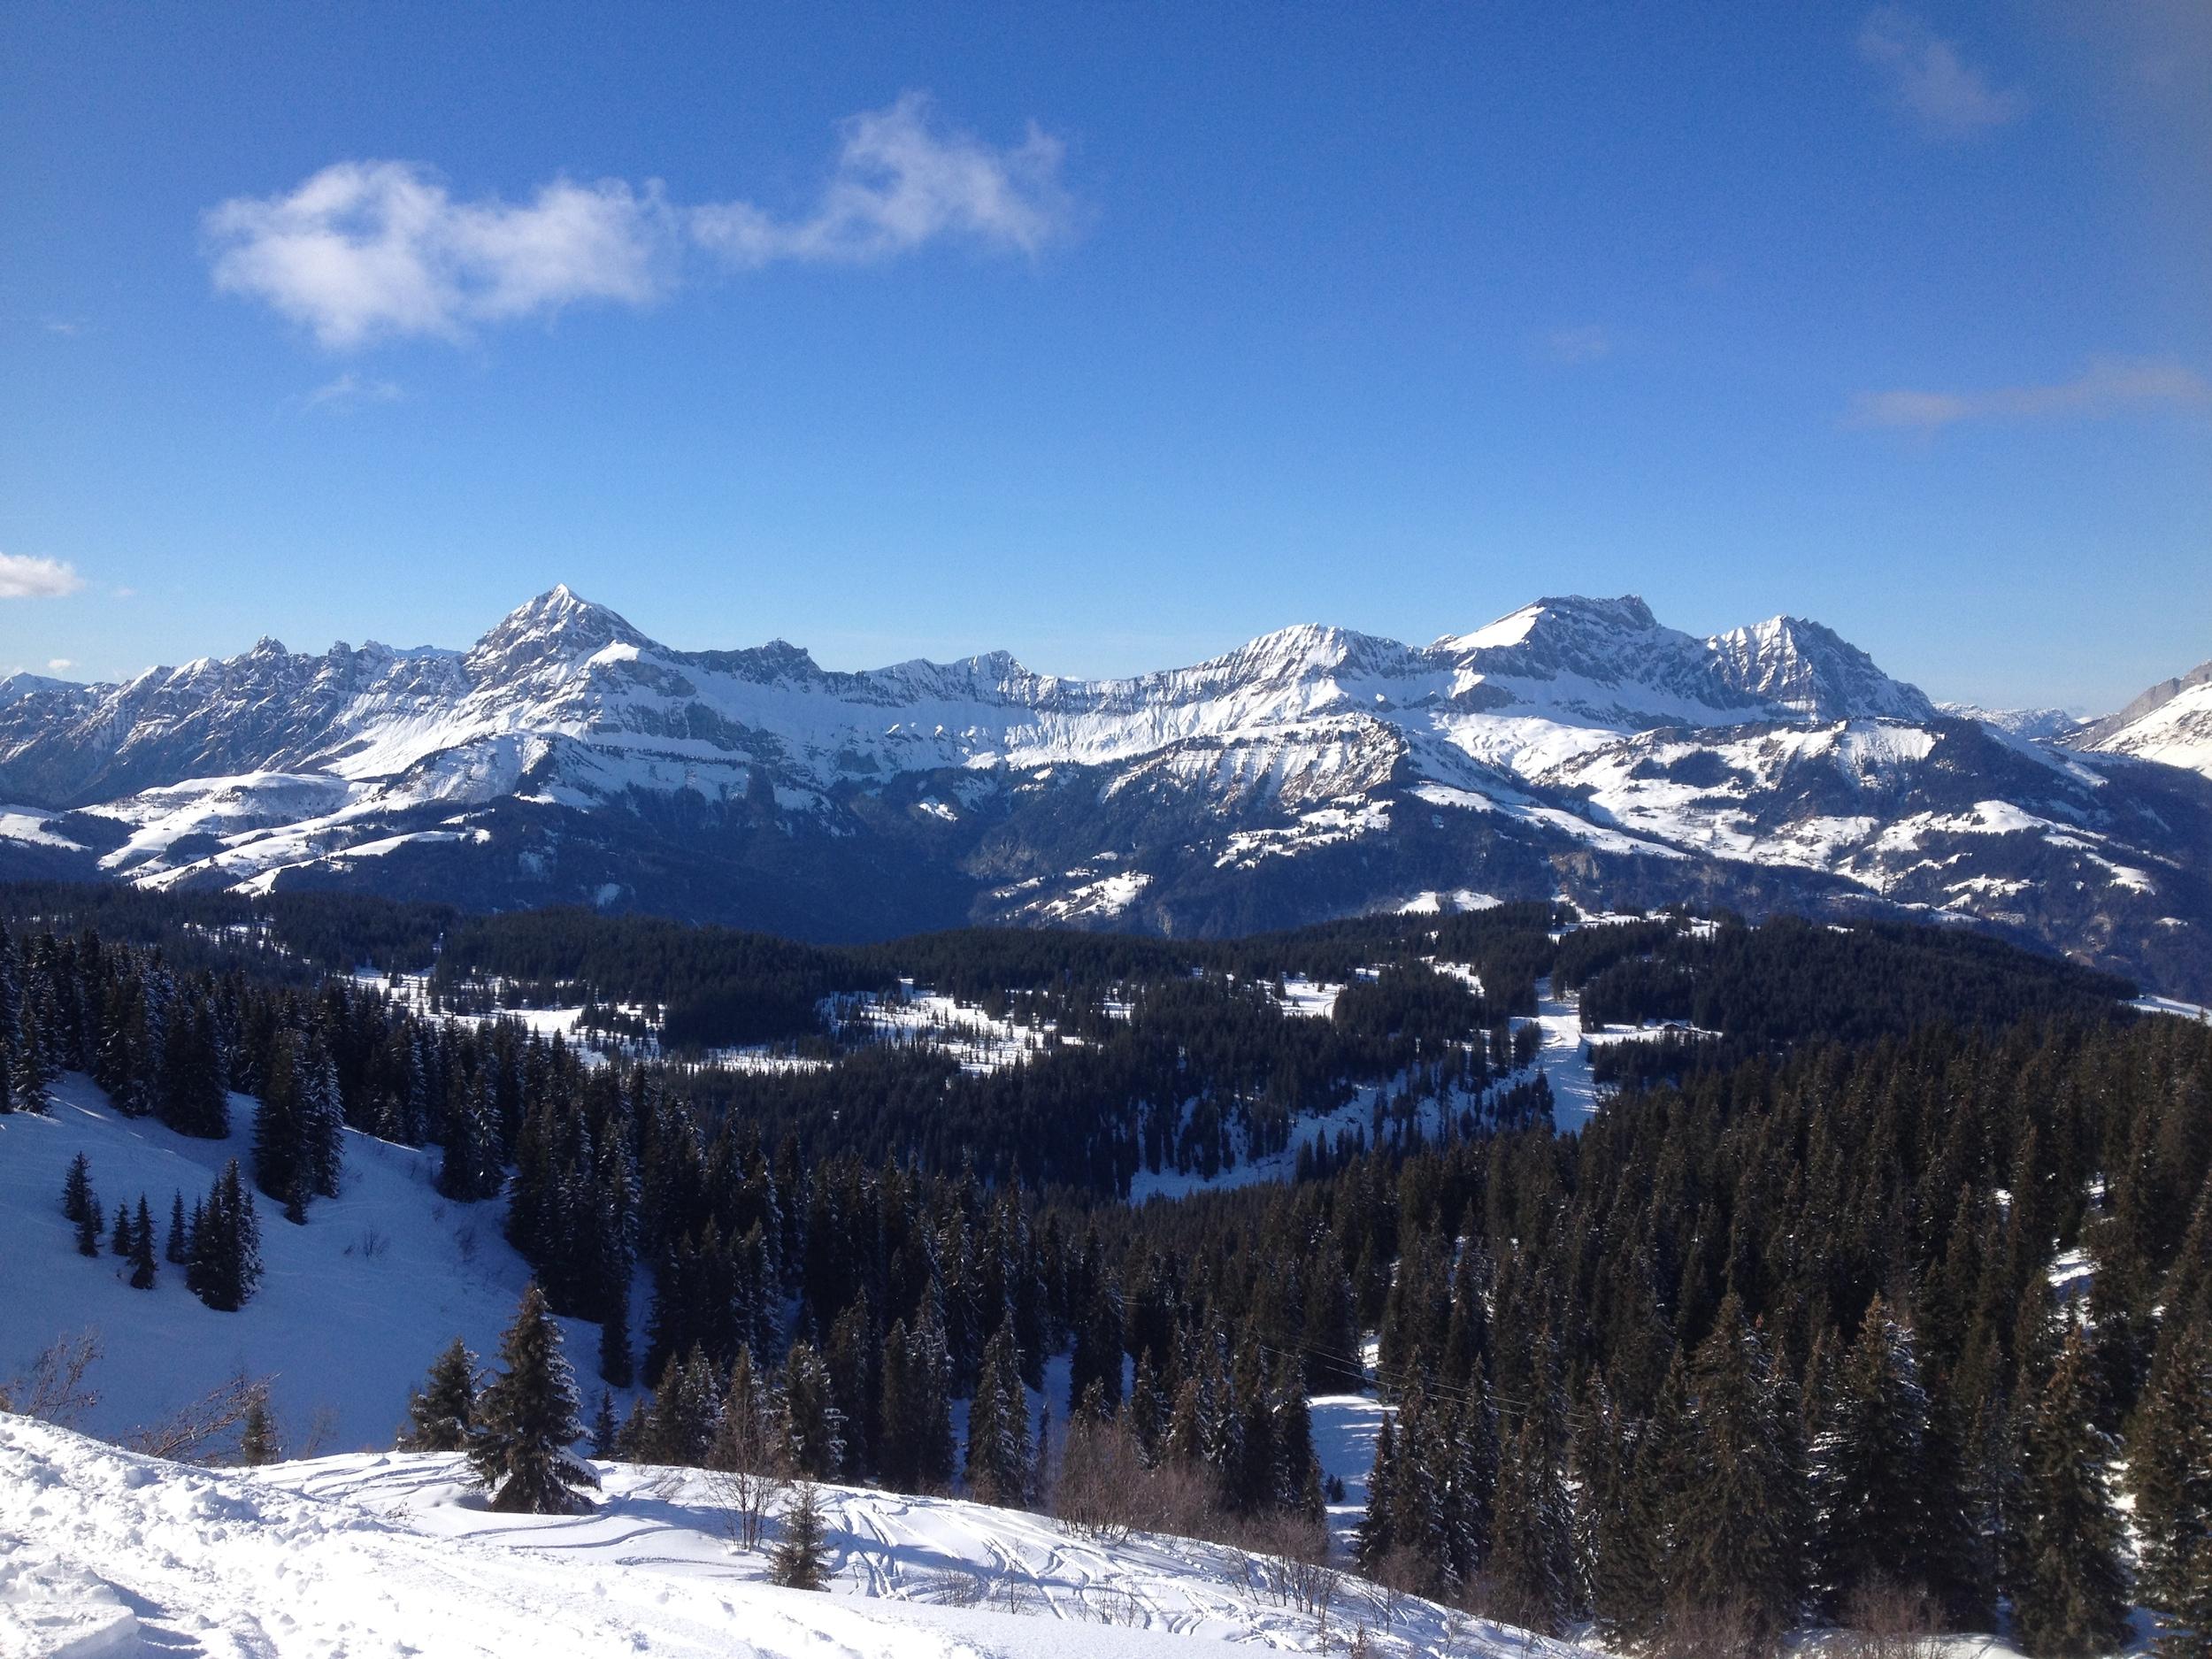 Les saisies le guide de la station we love ski - Office de tourisme les saisies ...